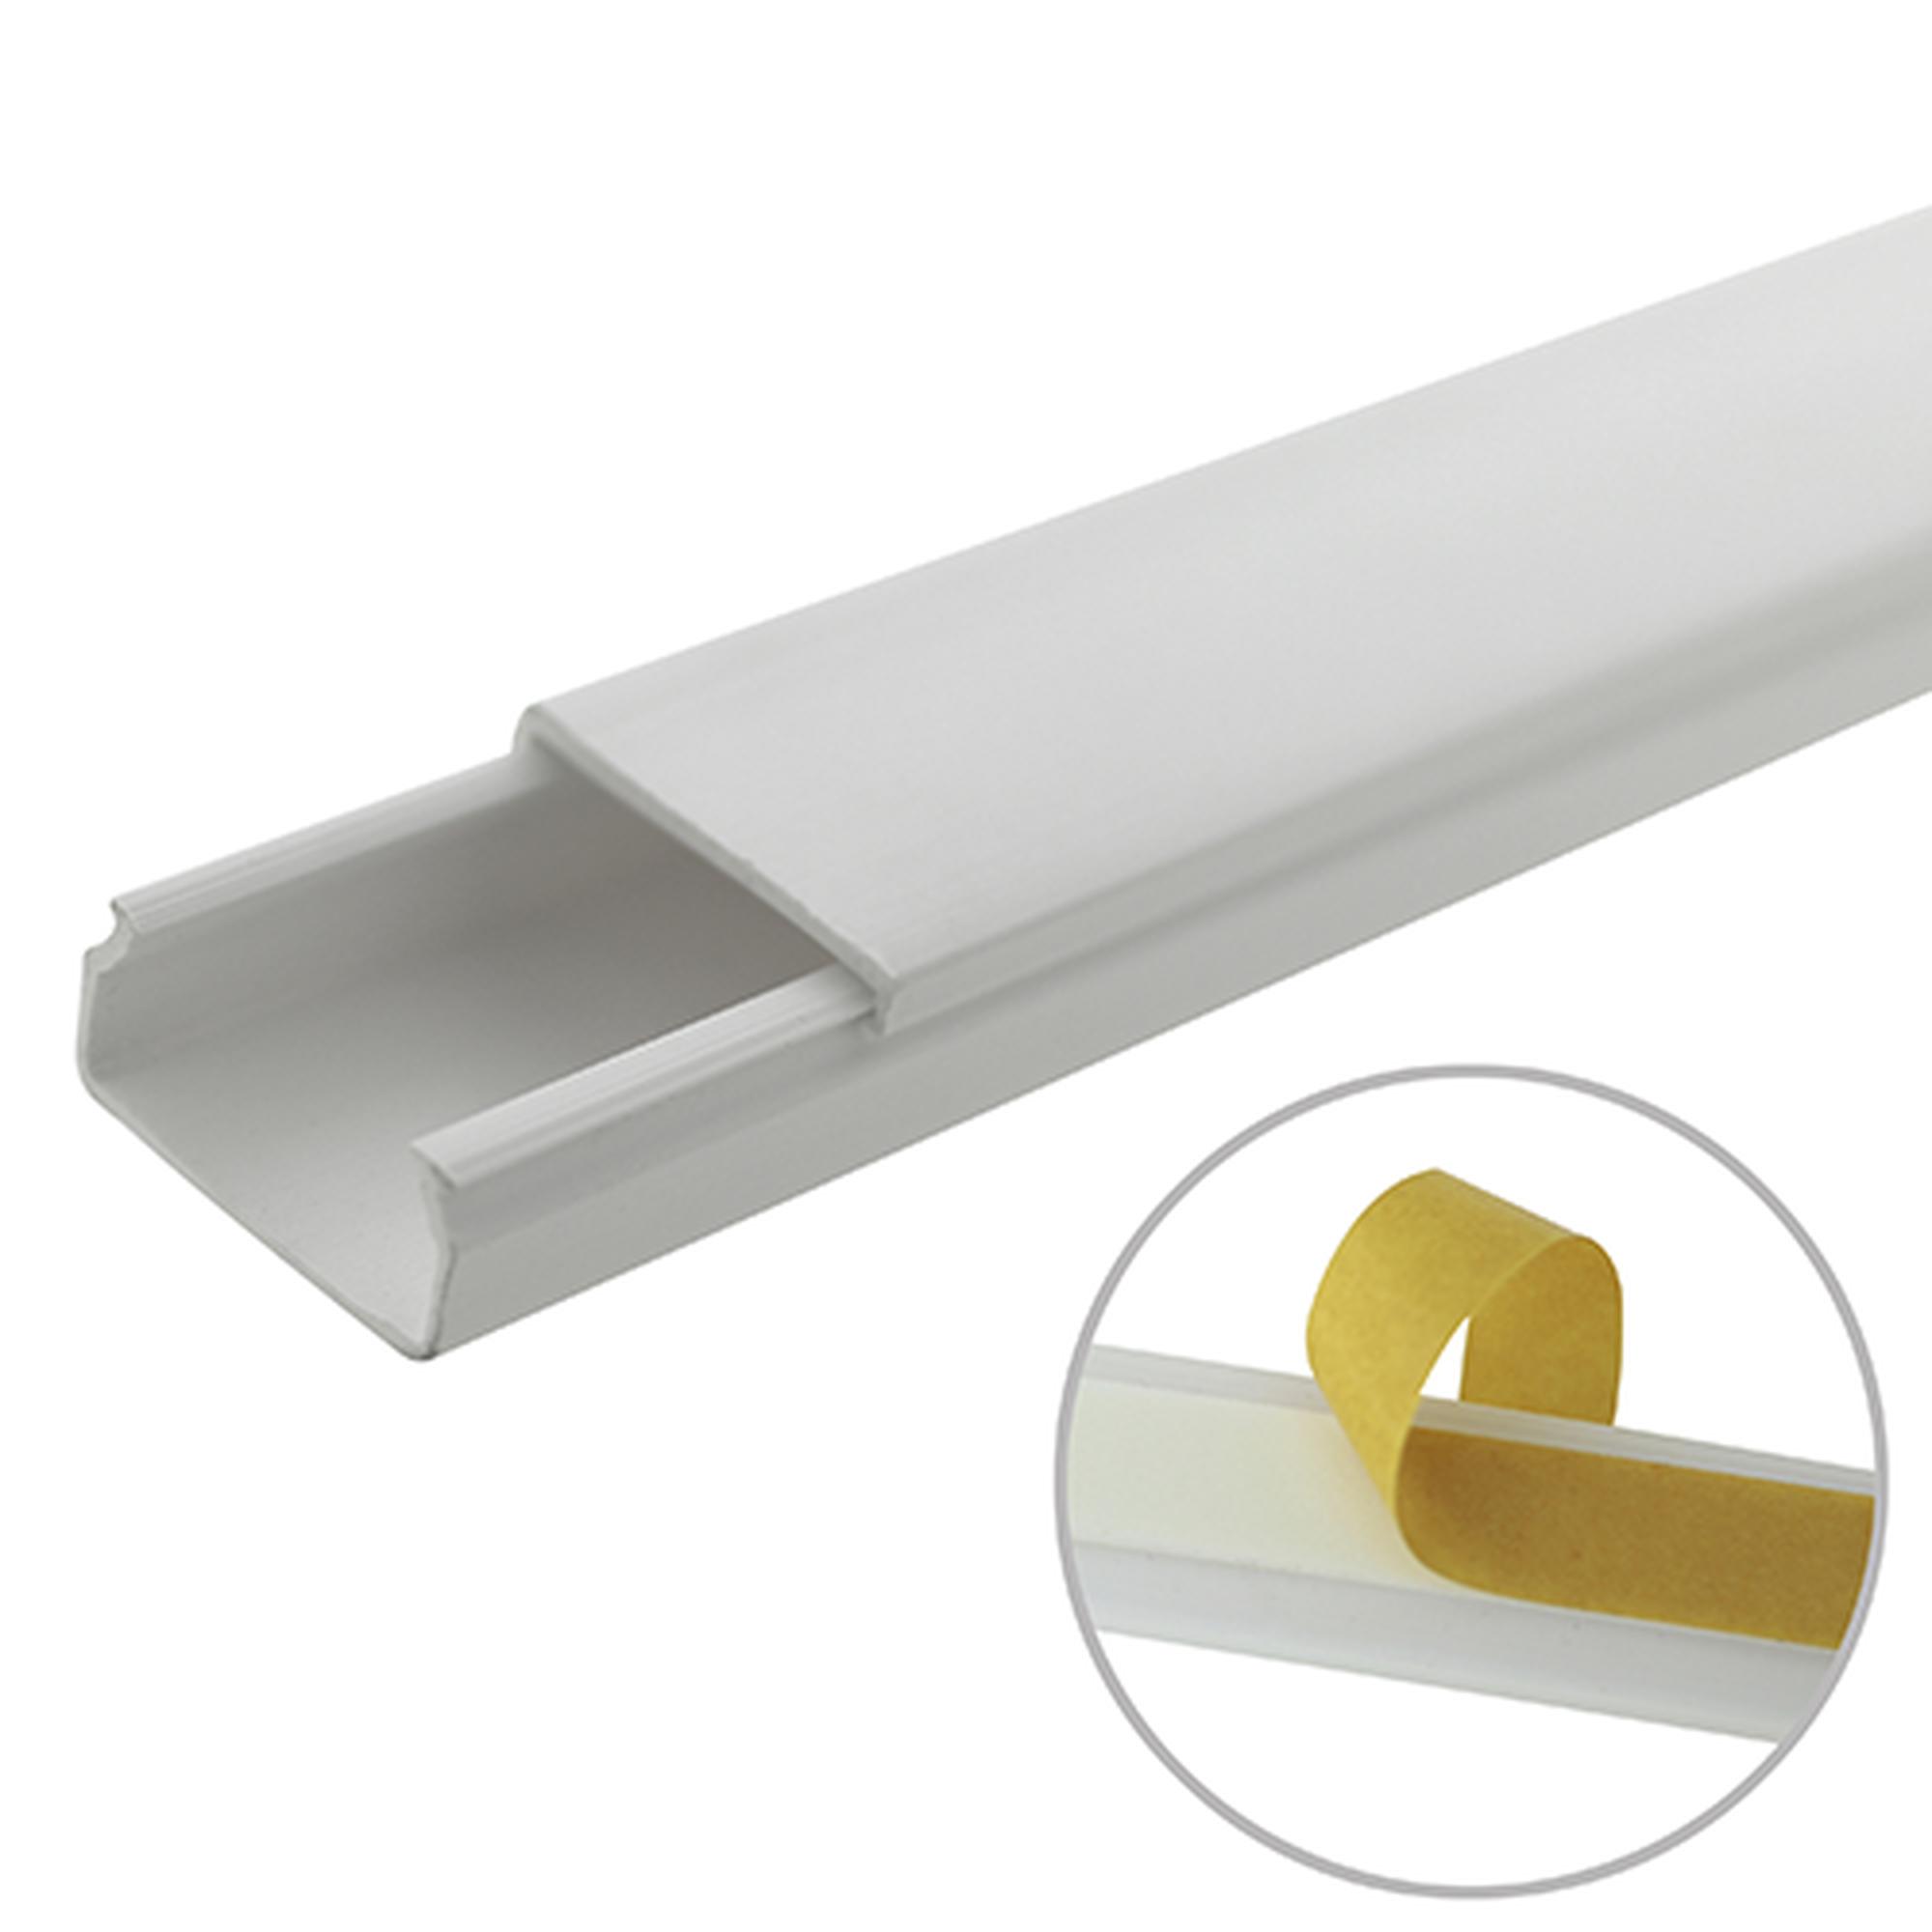 Canaleta blanca de PVC auto extinguible, sin división, 20 x 10 mm, tramo de 6 pies, con cinta adhesiva (5101-21262)